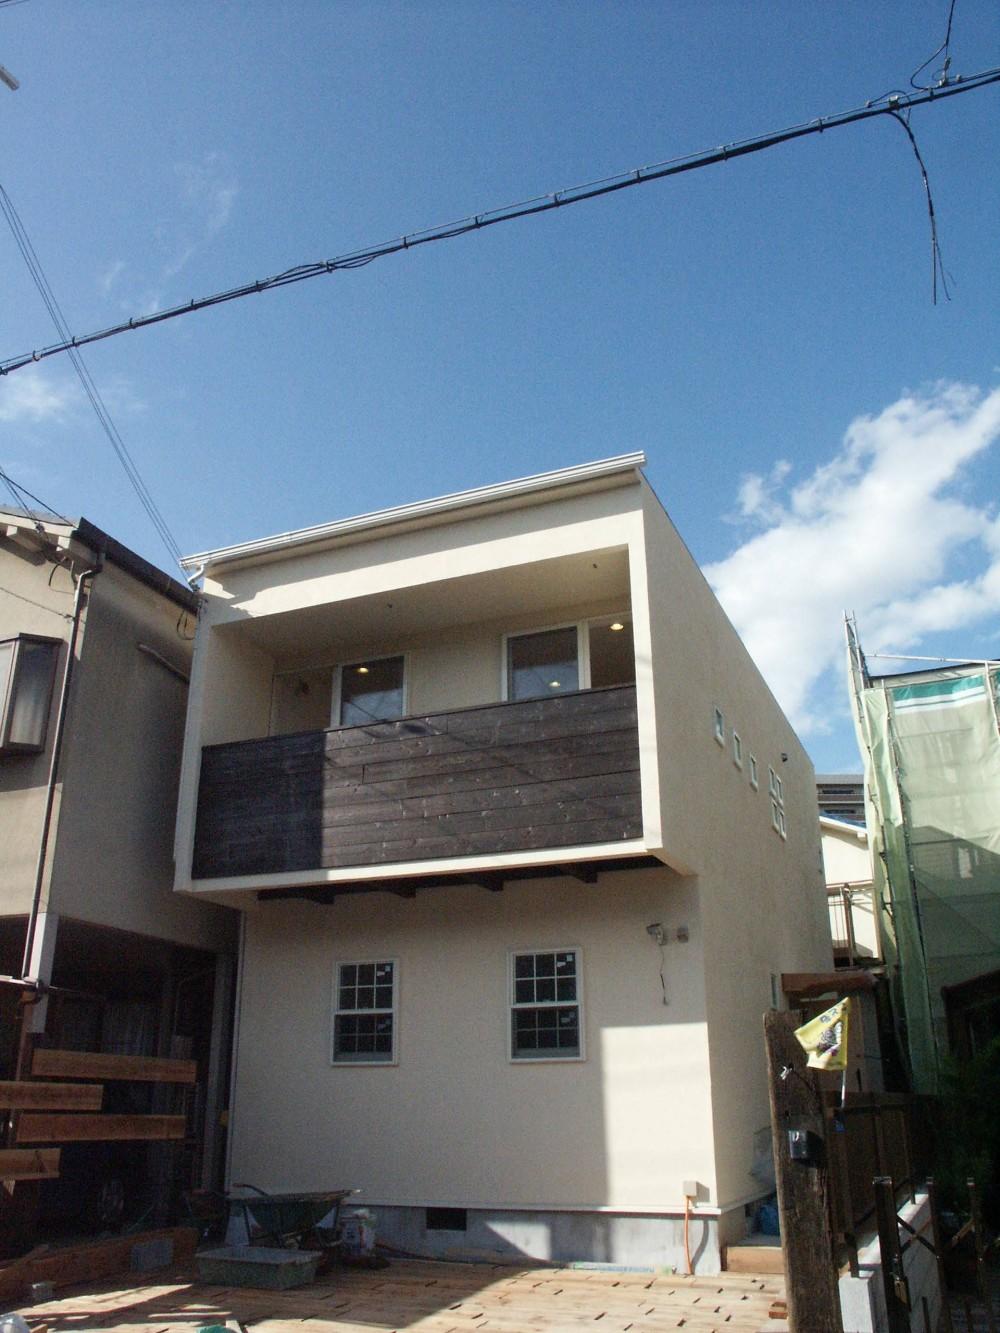 【大阪府】狭小物件を広く見せる光が特徴的な戸建て住宅 (外観)